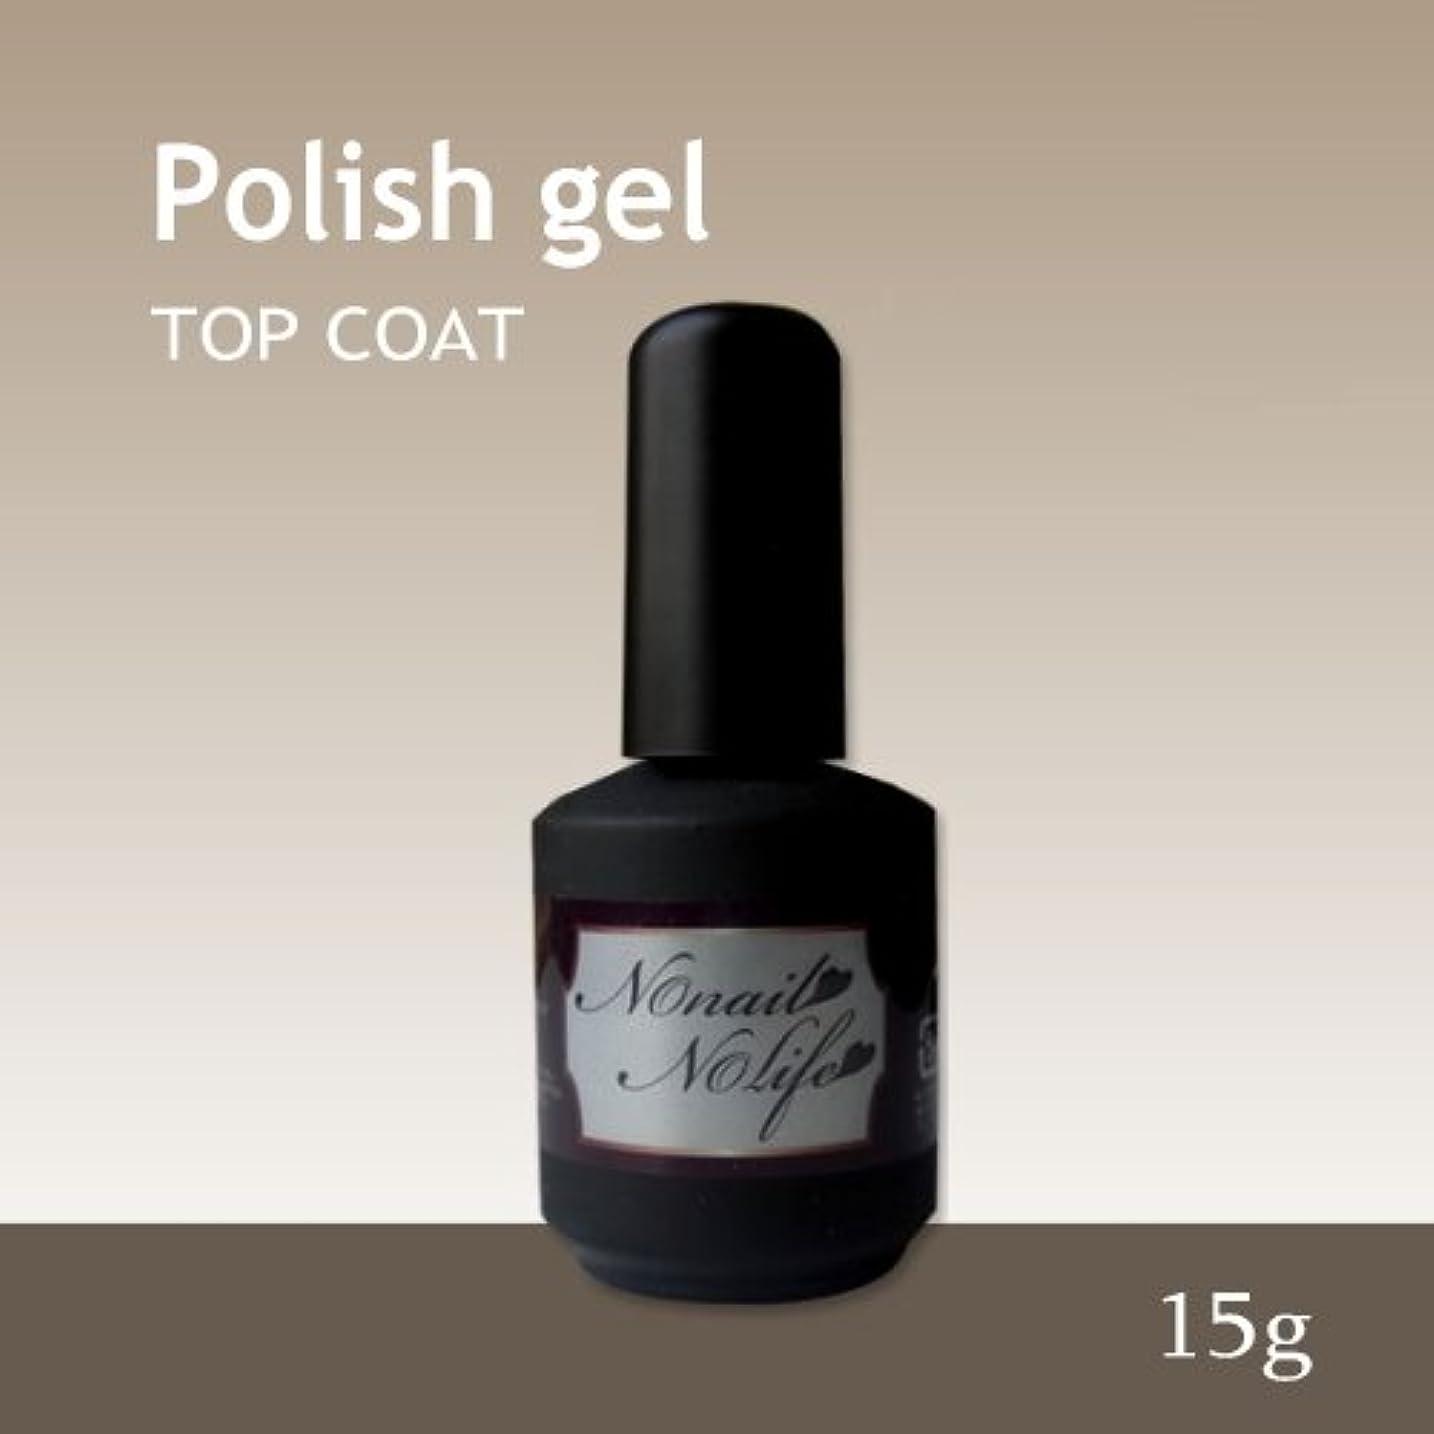 認可生きているコーンウォールジェルネイル《爪に優しいトップコートジェル》Natural Polish ポリッシュトップジェル(15g)